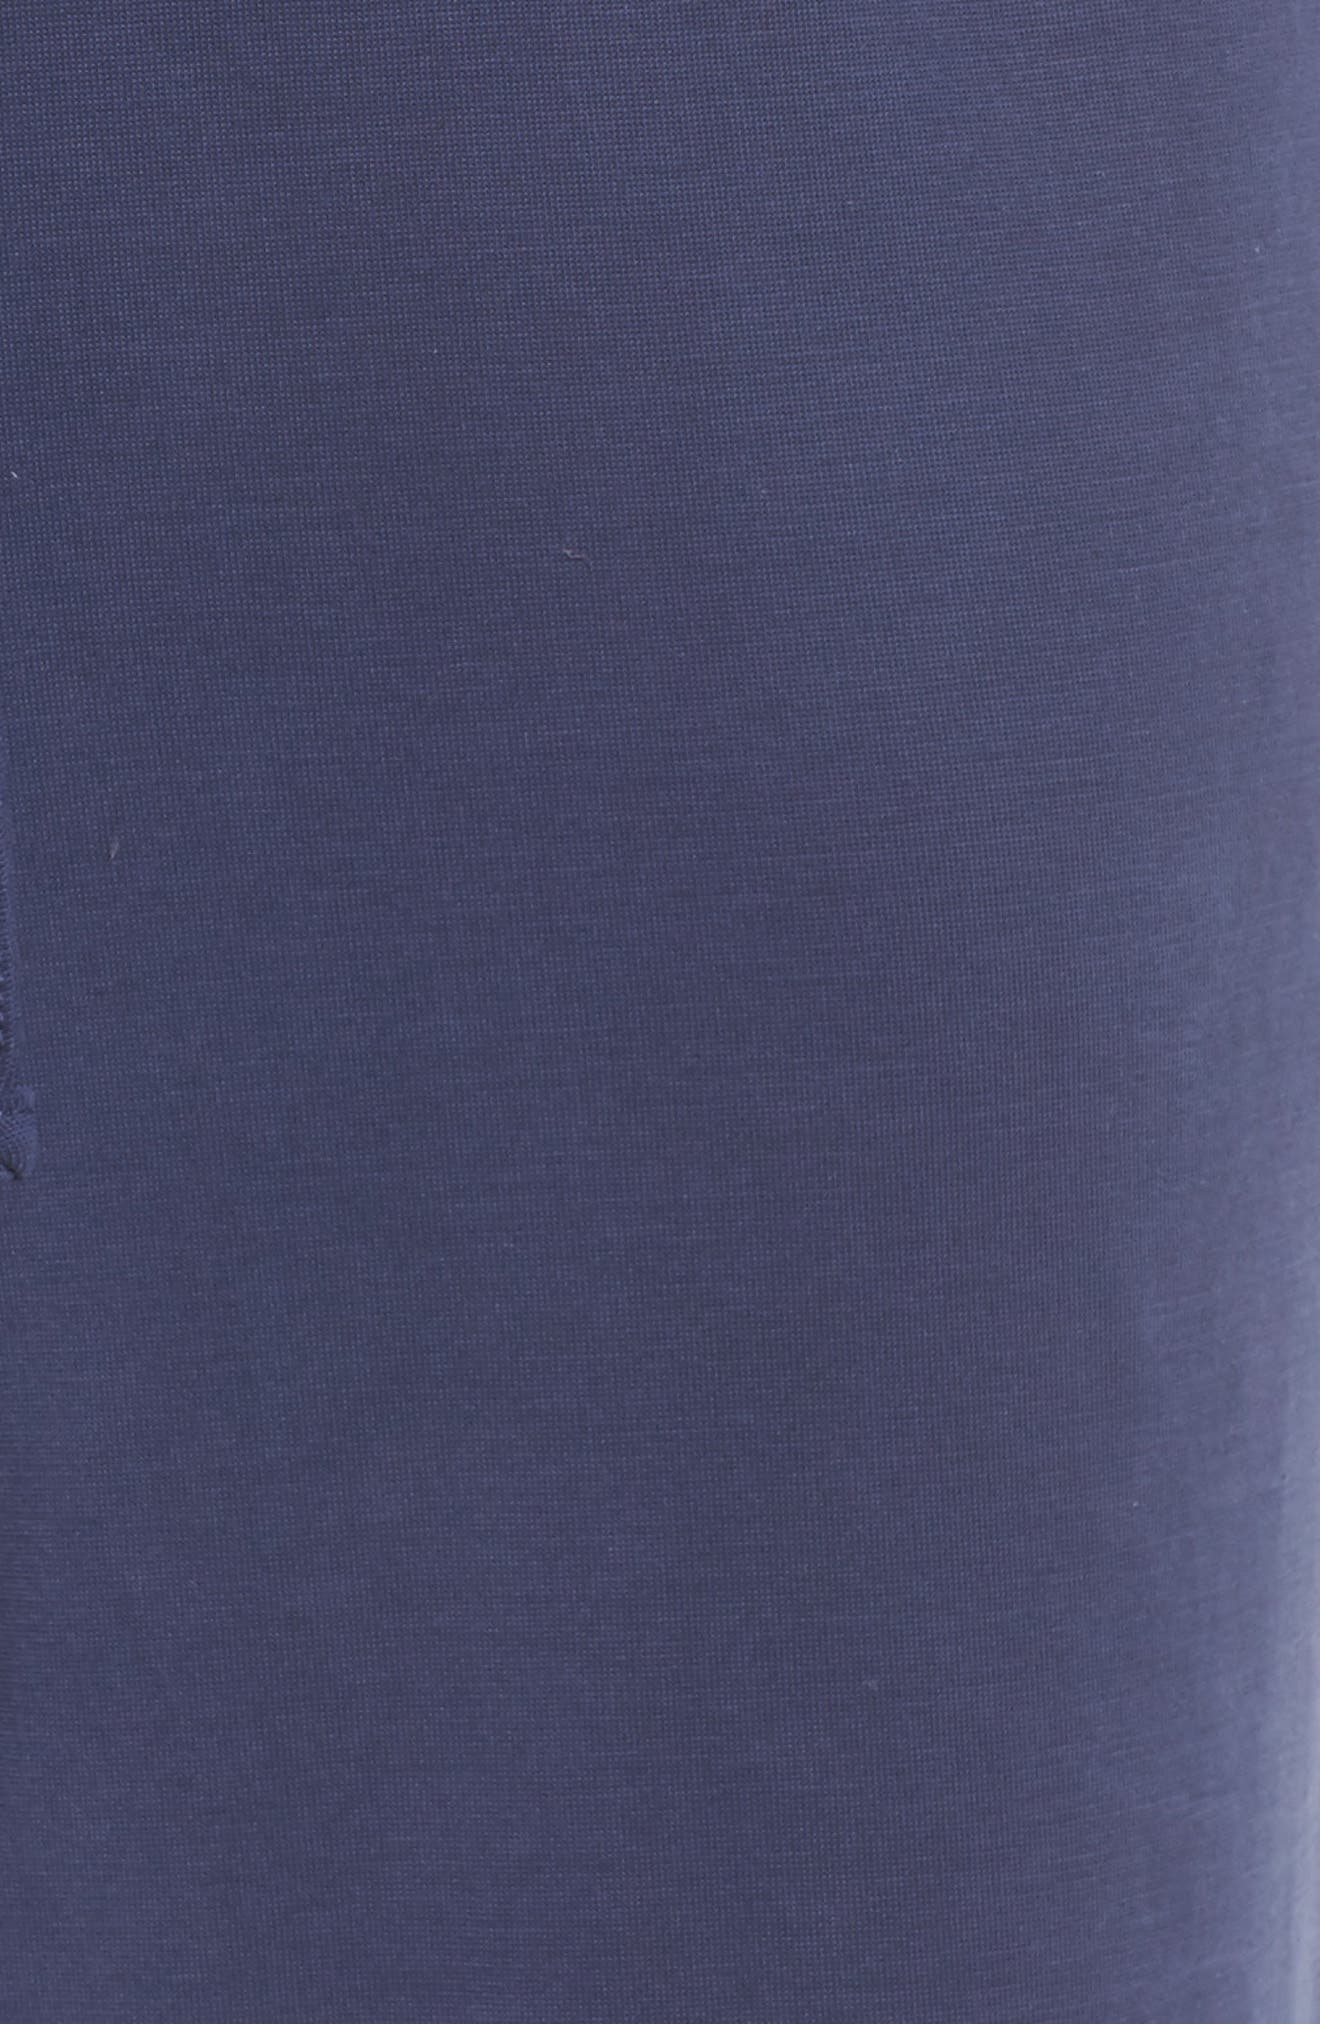 Crop Lounge Pants,                             Alternate thumbnail 5, color,                             410